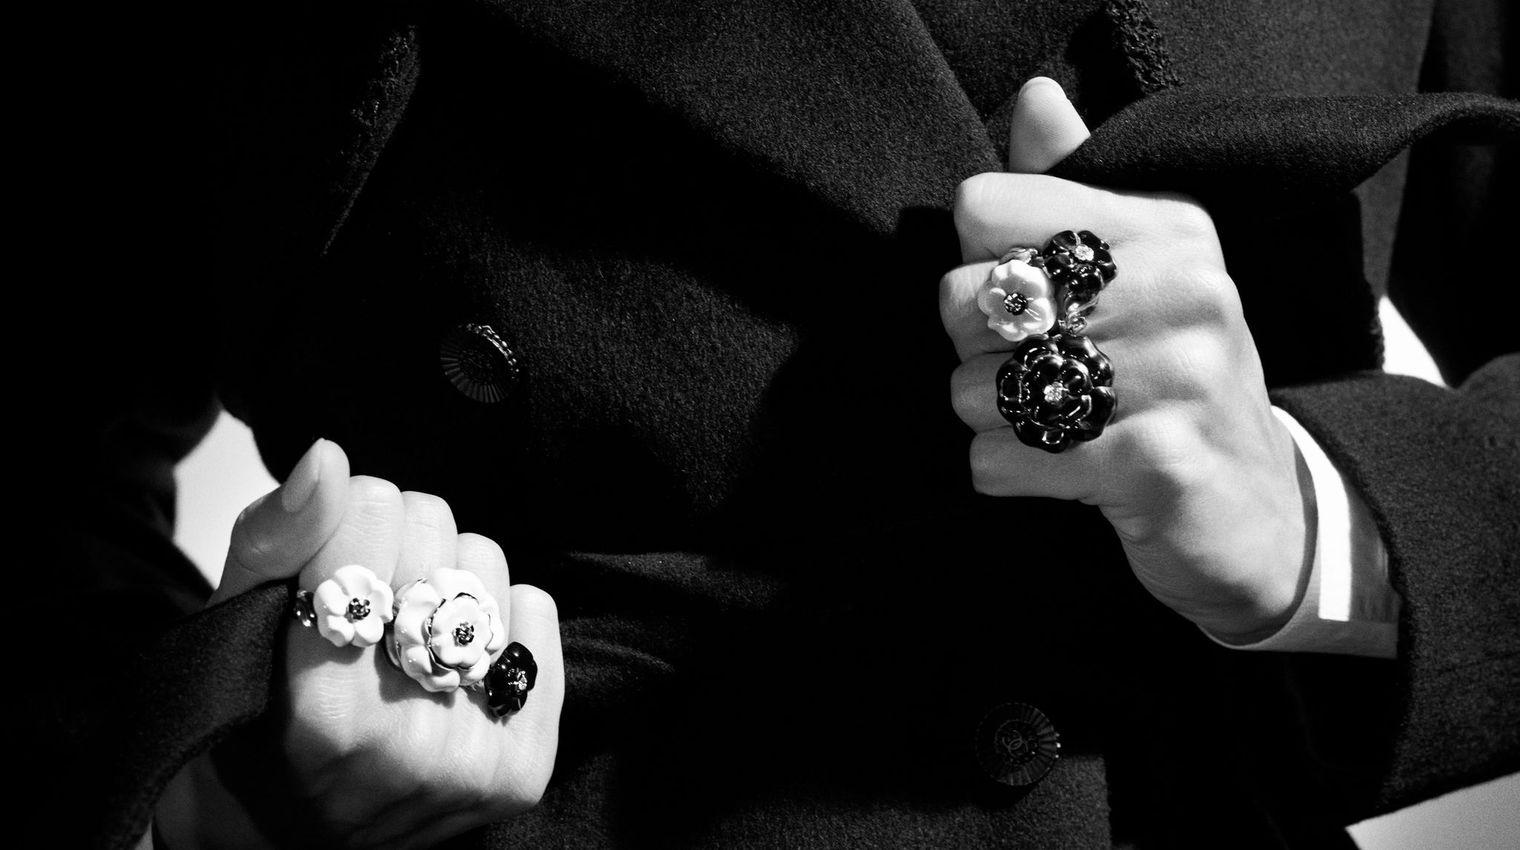 Les camélias de la maison Chanel Courtesy of Chanel